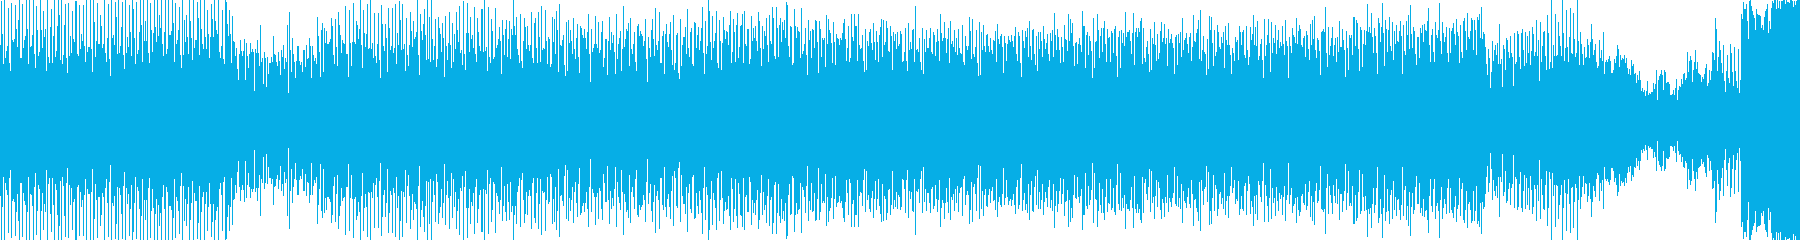 軽快で激しさのあるナイトクラブ的なEDMの再生済みの波形